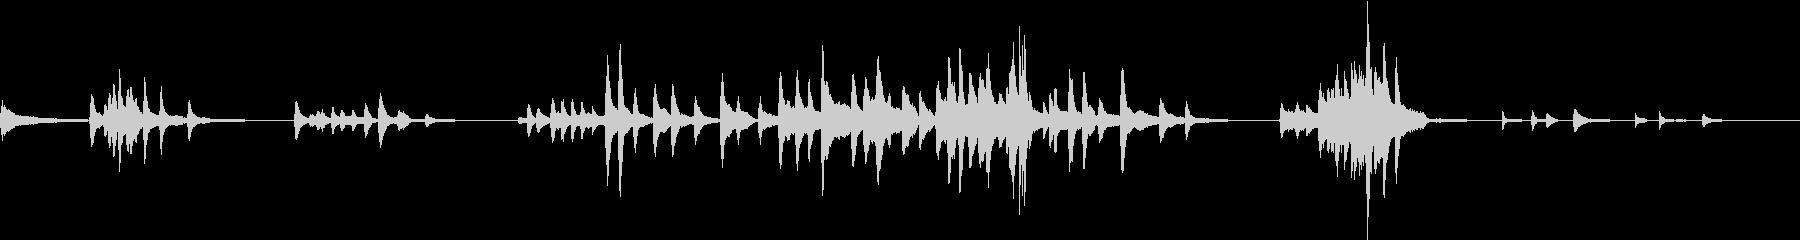 ミステリアスなピアノ曲の未再生の波形